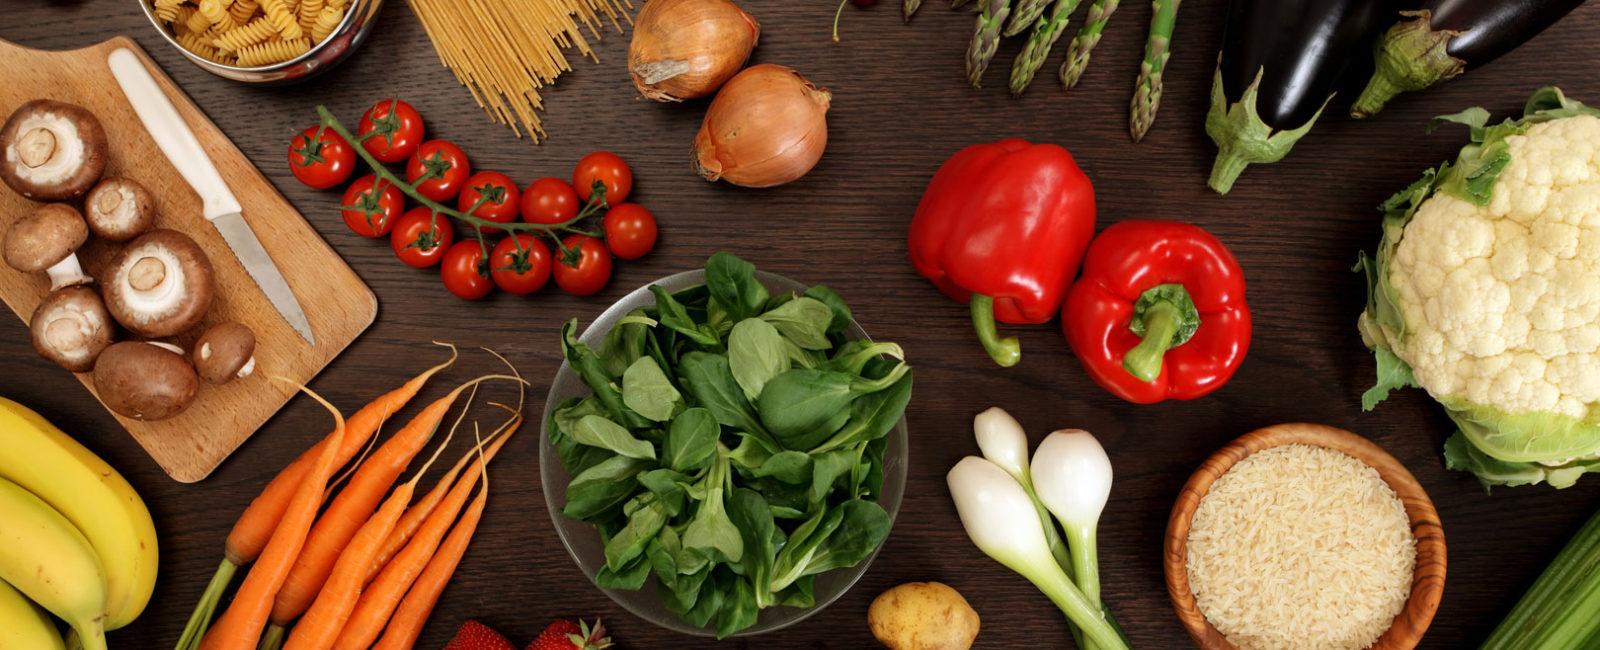 Vorteile und Nachteile von vegetarischer Ernährung